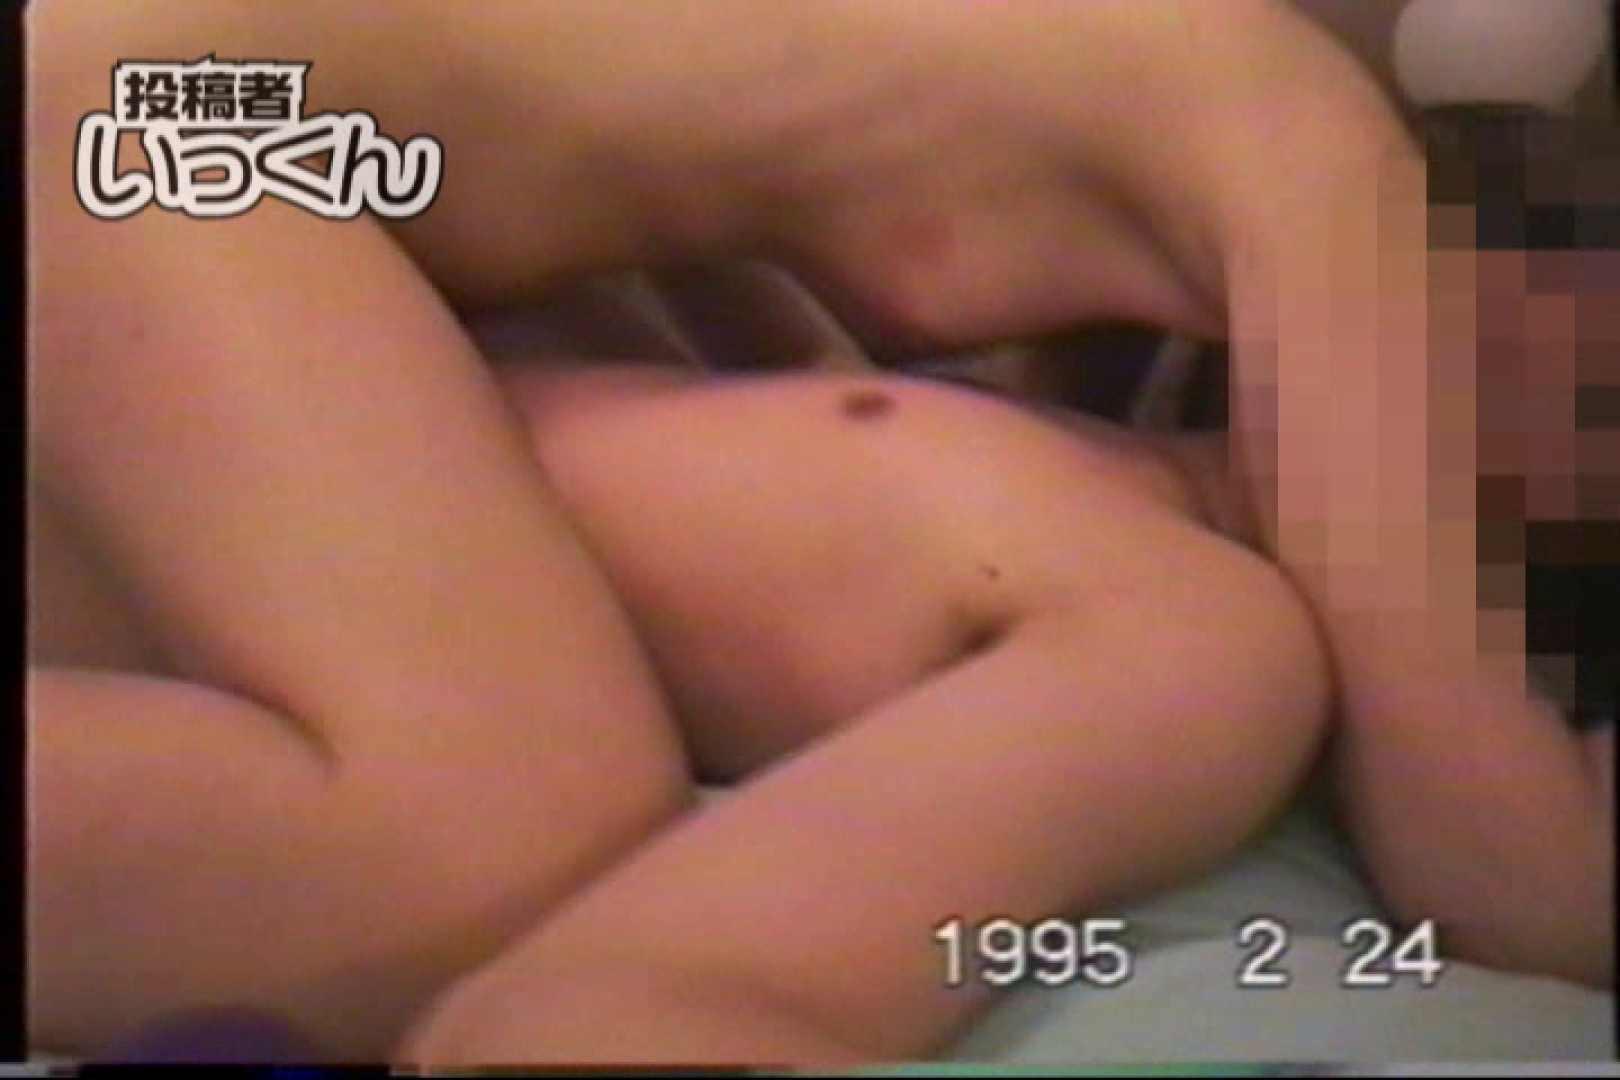 調教師いっくんの ちほ撮影バレ 一般投稿   盗撮  57pic 11